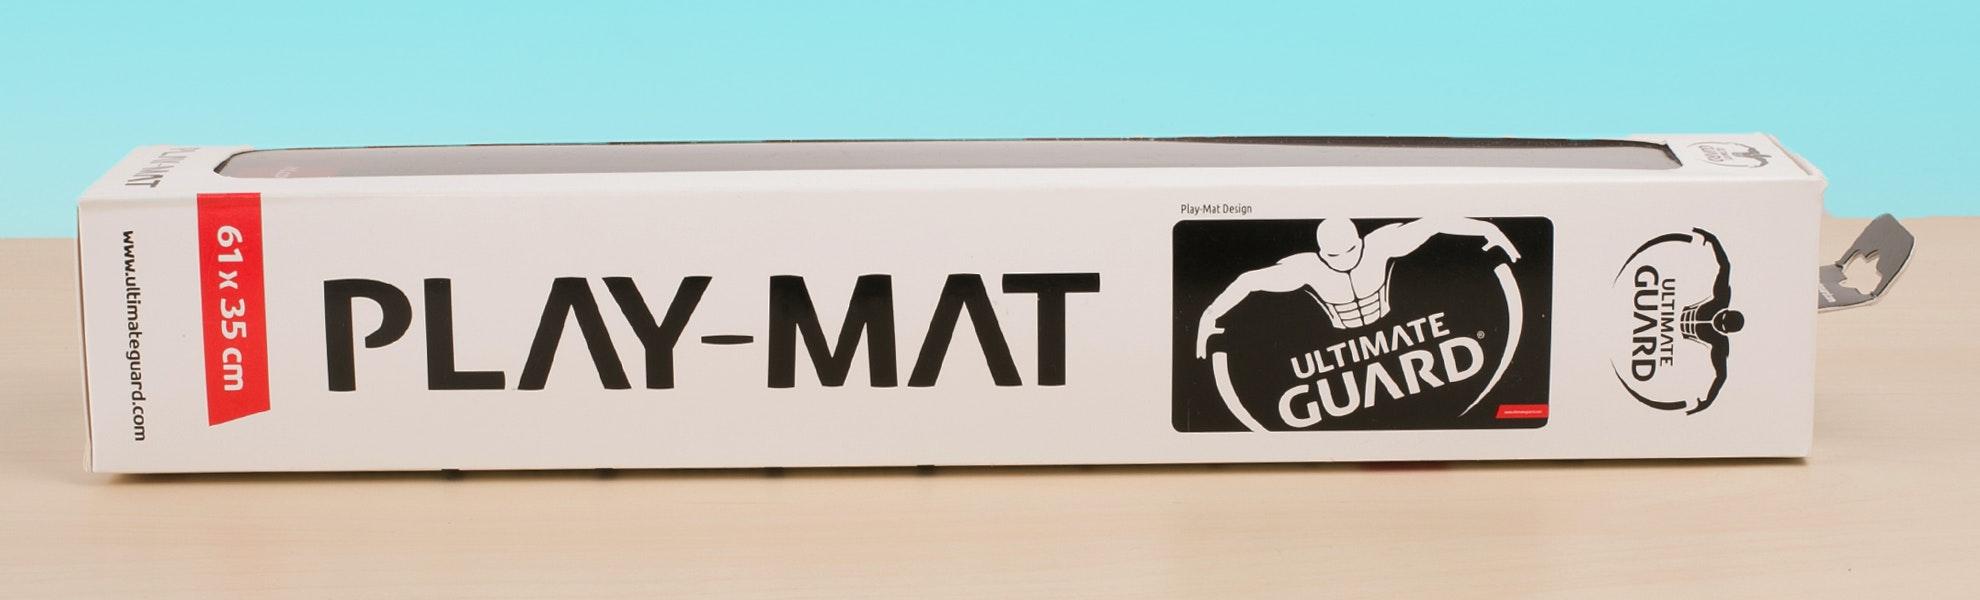 Ultimate Guard Play-Mat (2-Pack)